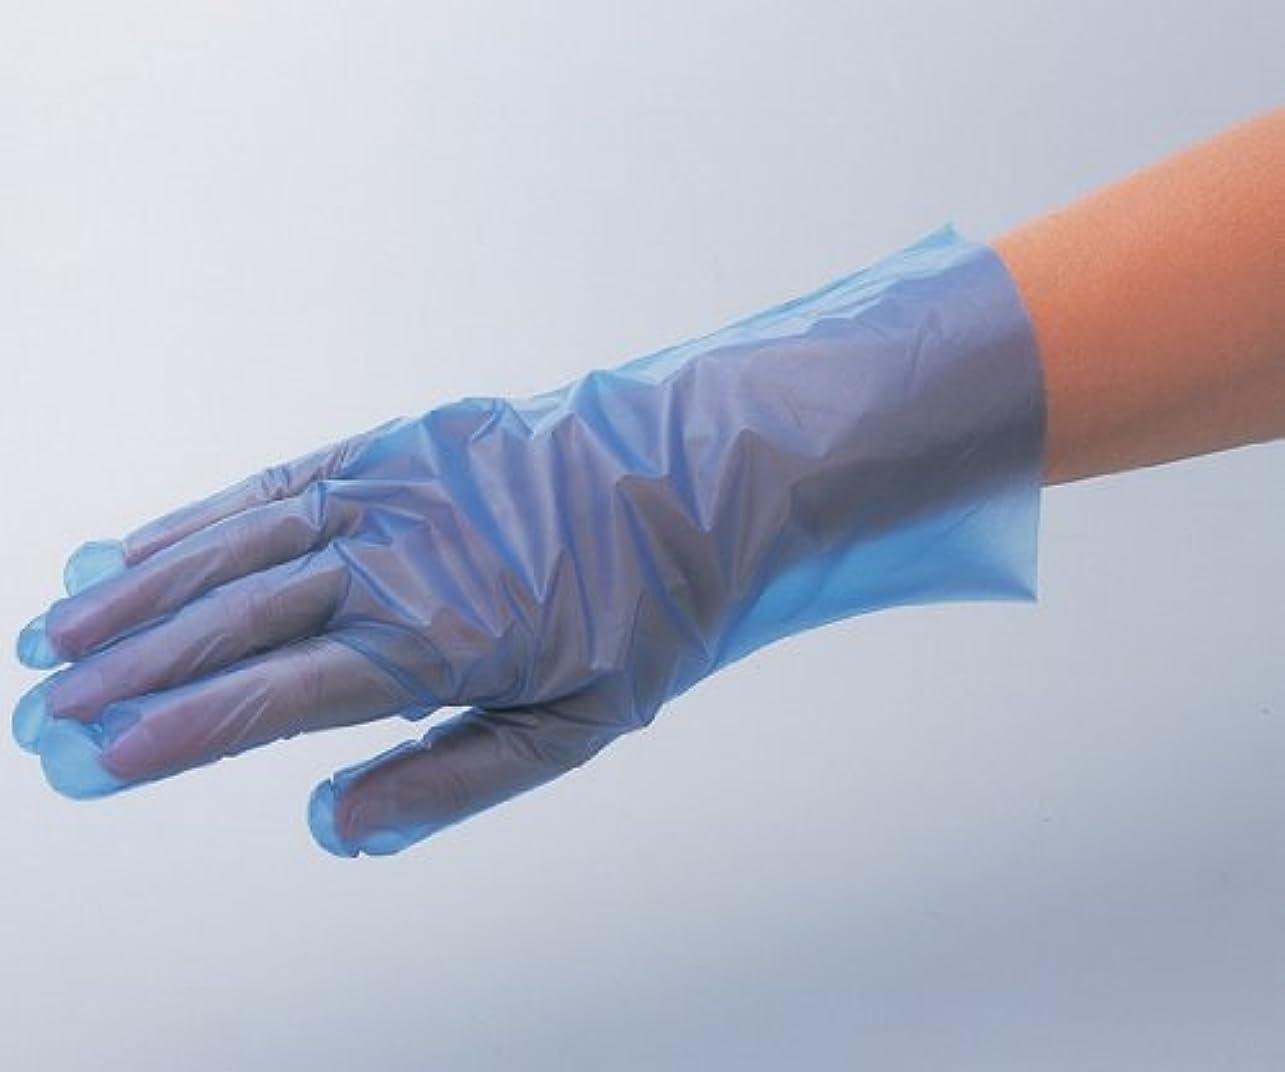 ぜいたく本電気的アズワン6-9730-56サニーノール手袋エコロジーケース販売6000枚入Sブルー